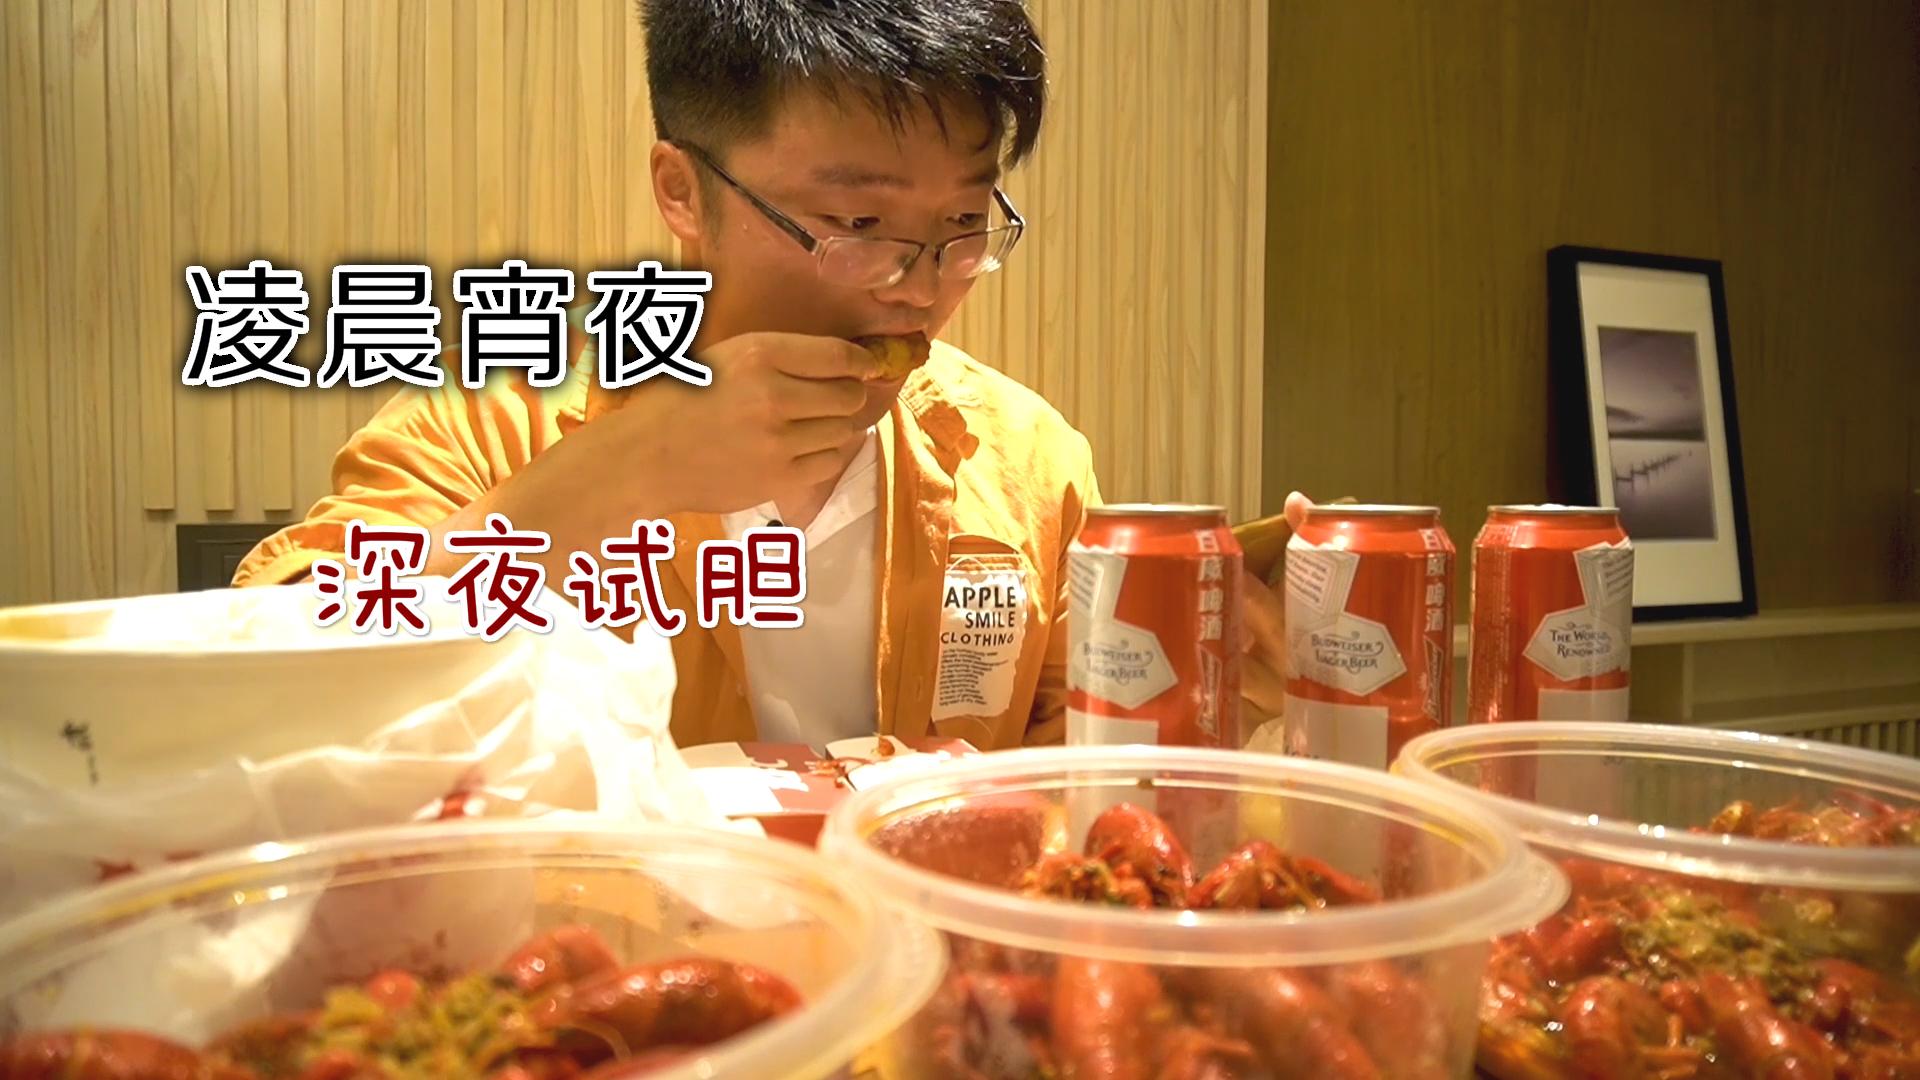 肯德基宵夜配凌晨恐怖片,三盆麻辣小龙虾越吃越馋,还越看越香